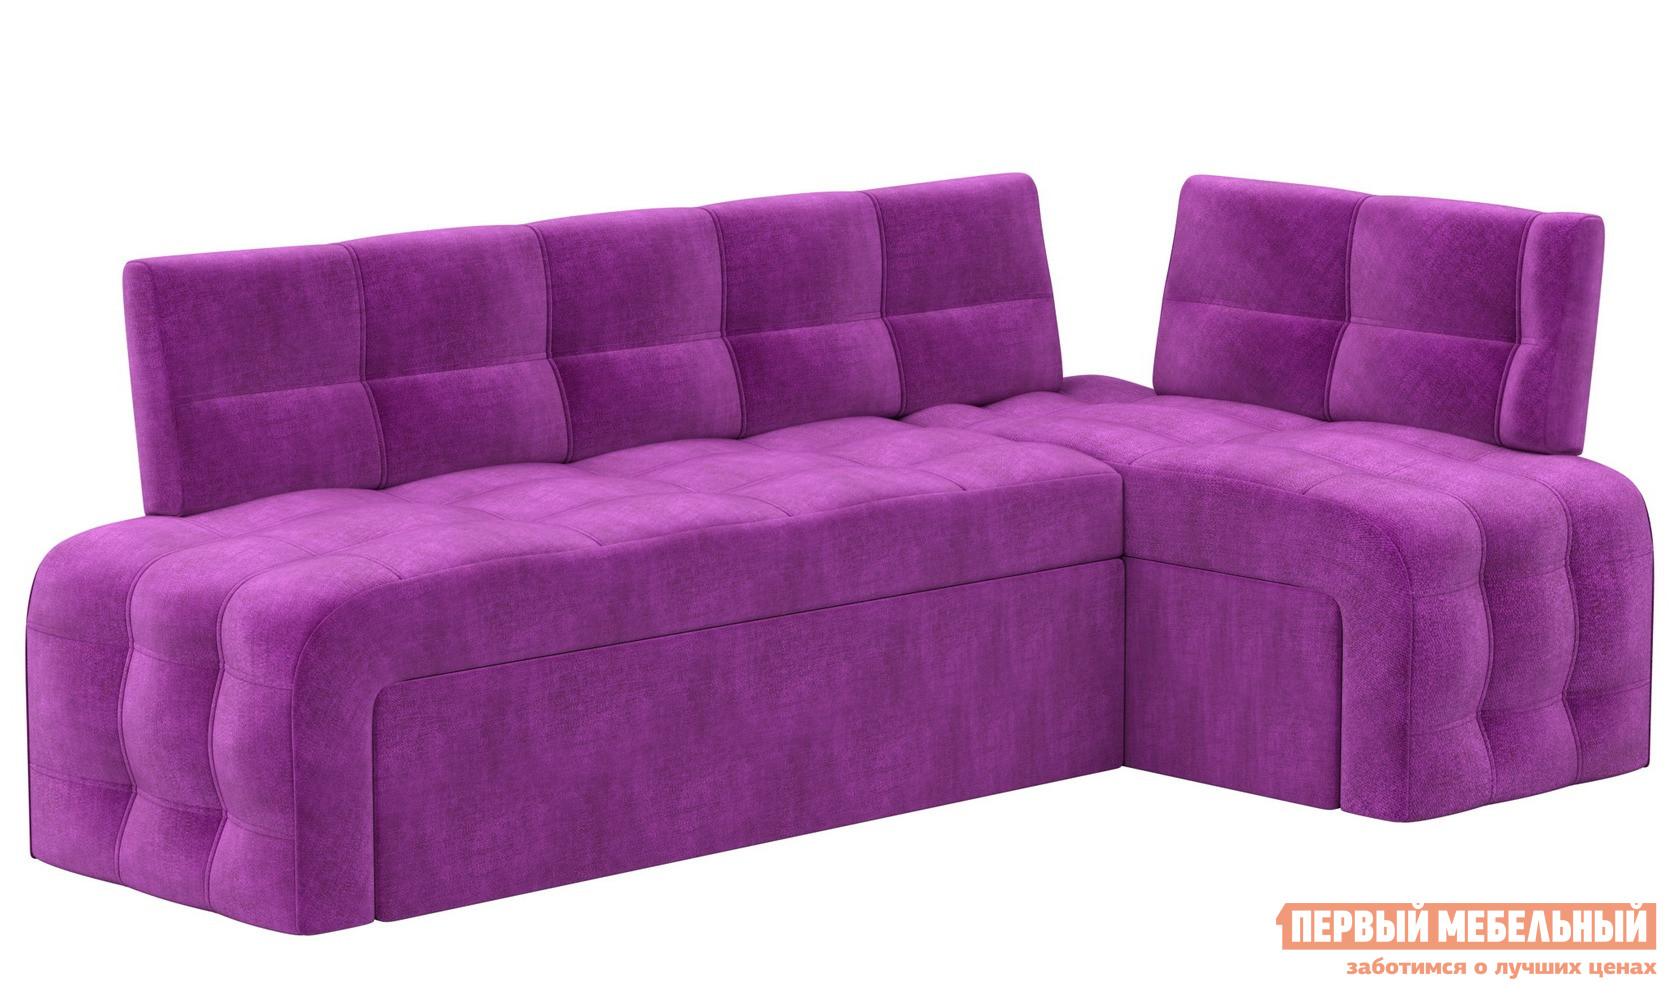 Мягкий спальный кухонный диван Мебелико Кухонный угловой диван Люксор микровельвет